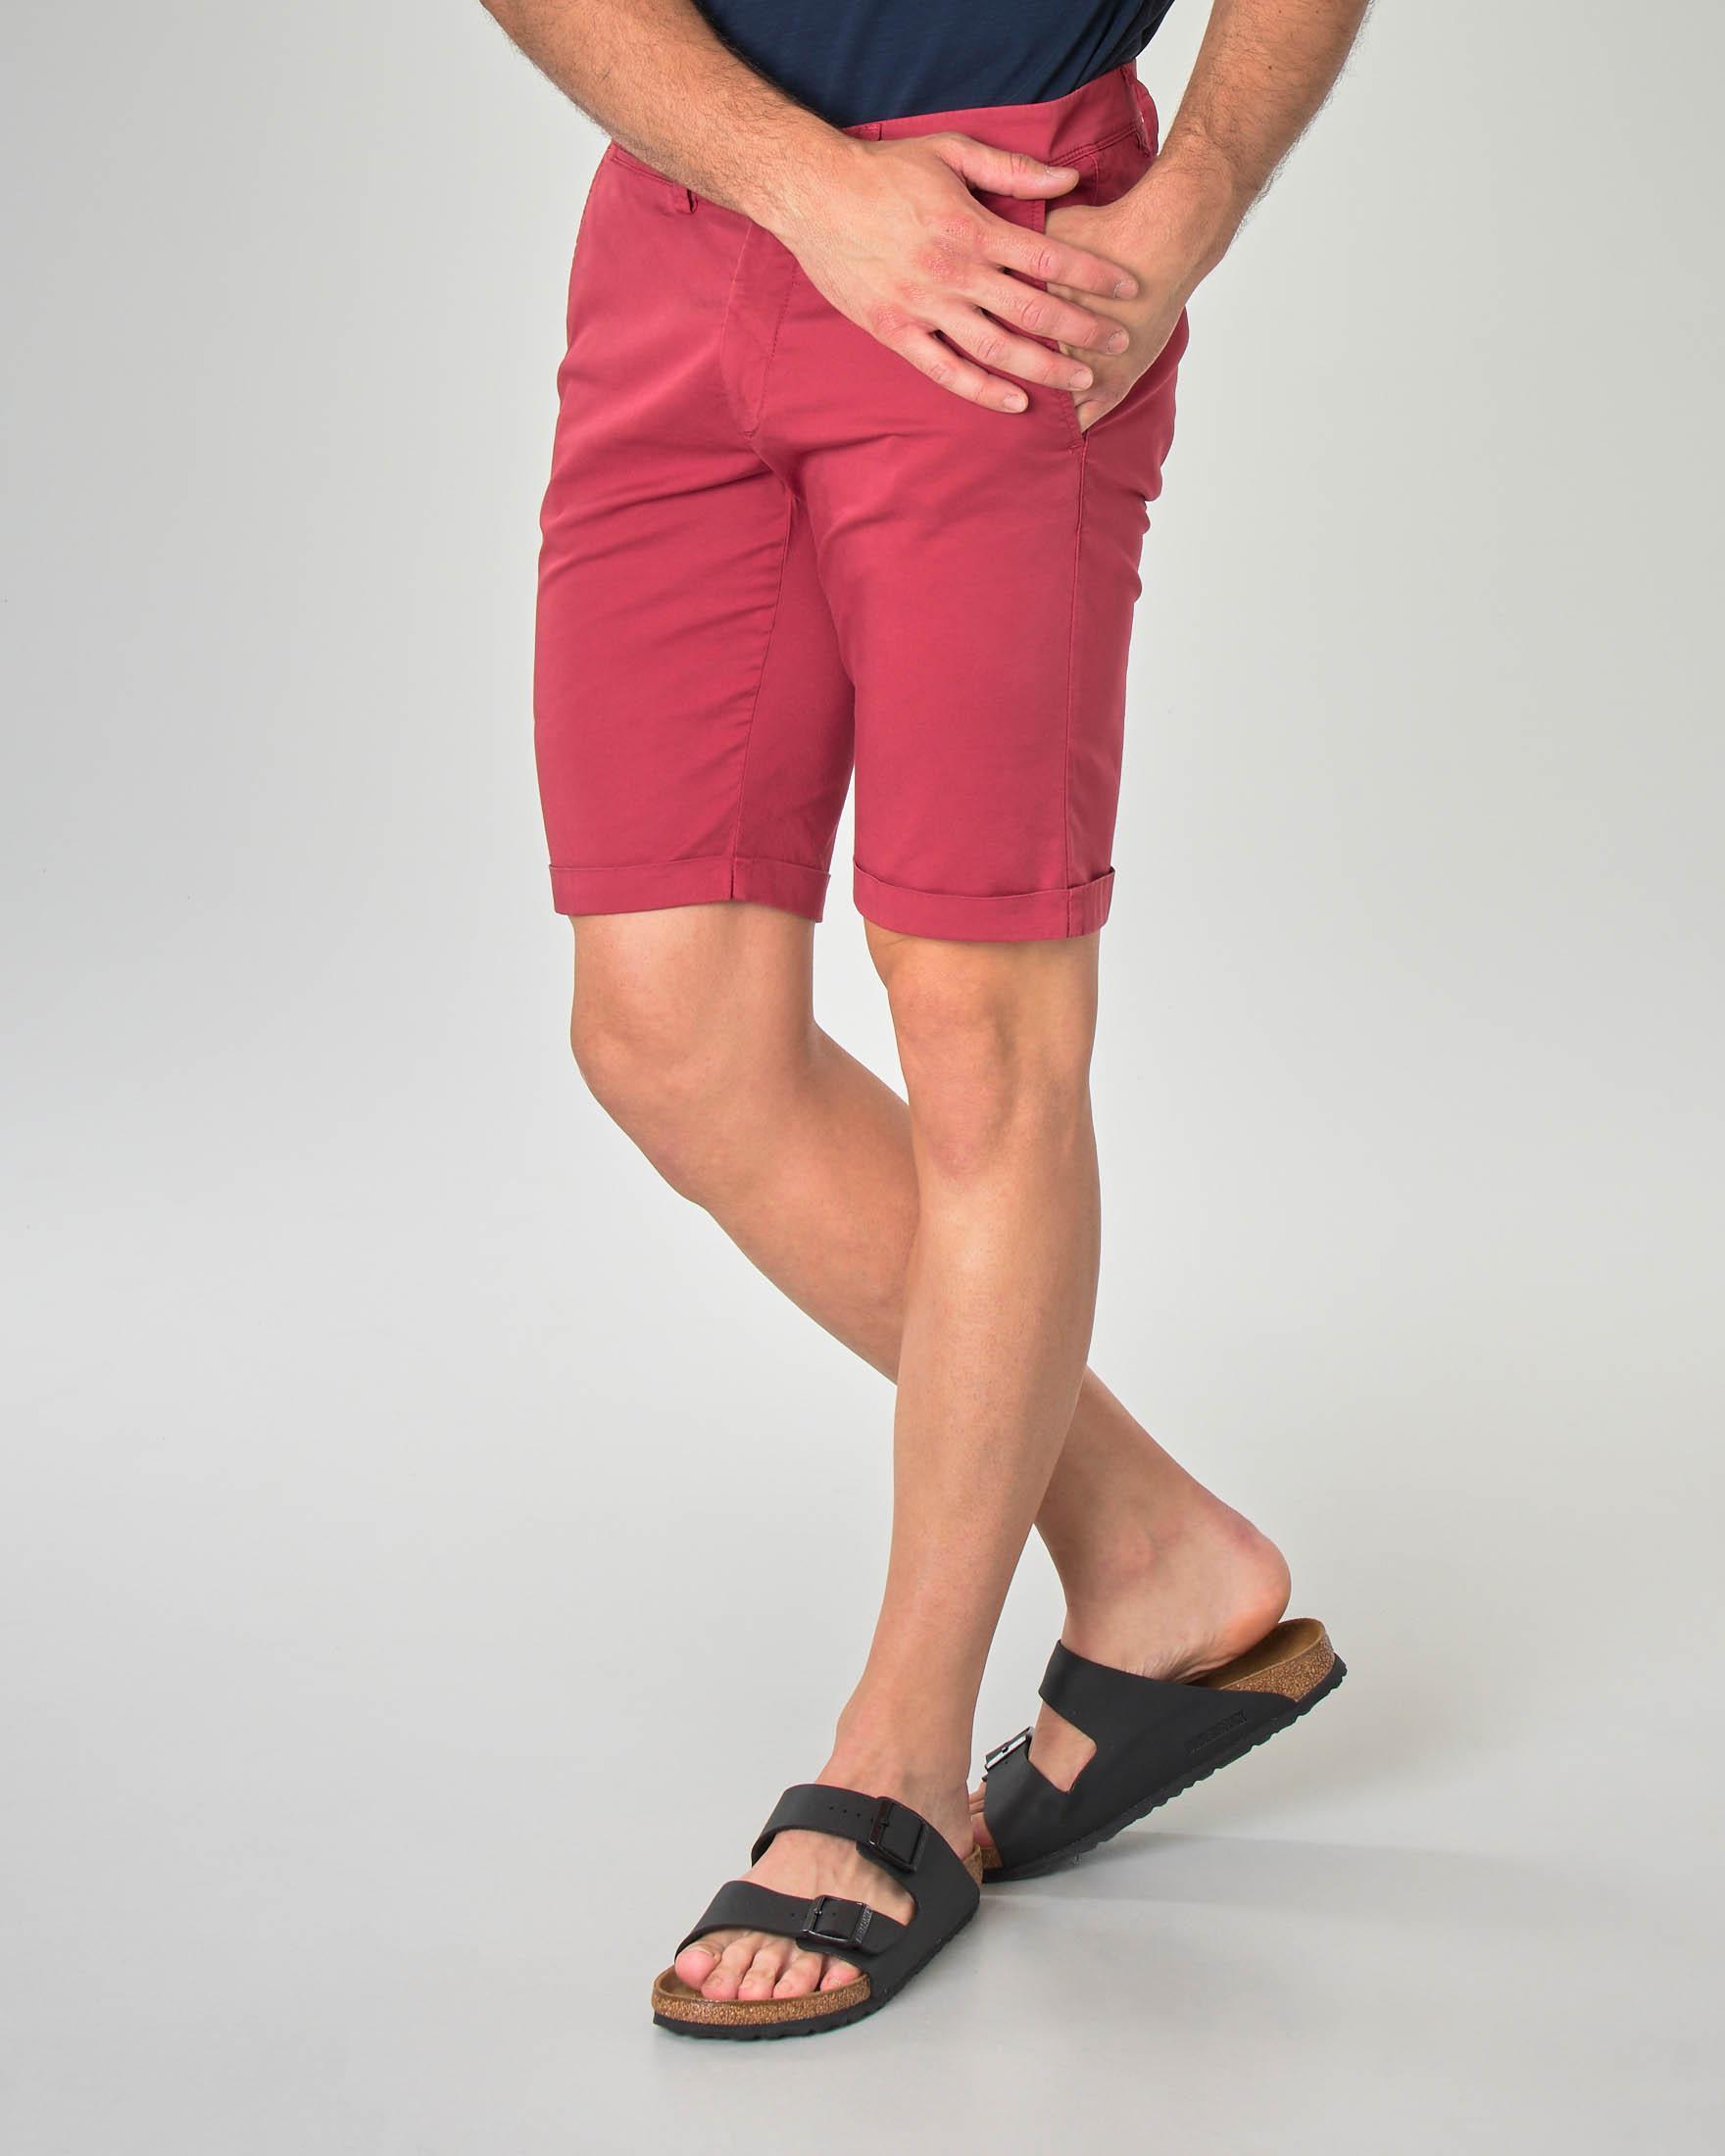 Bermuda chino rosso in gabardina di cotone stretch